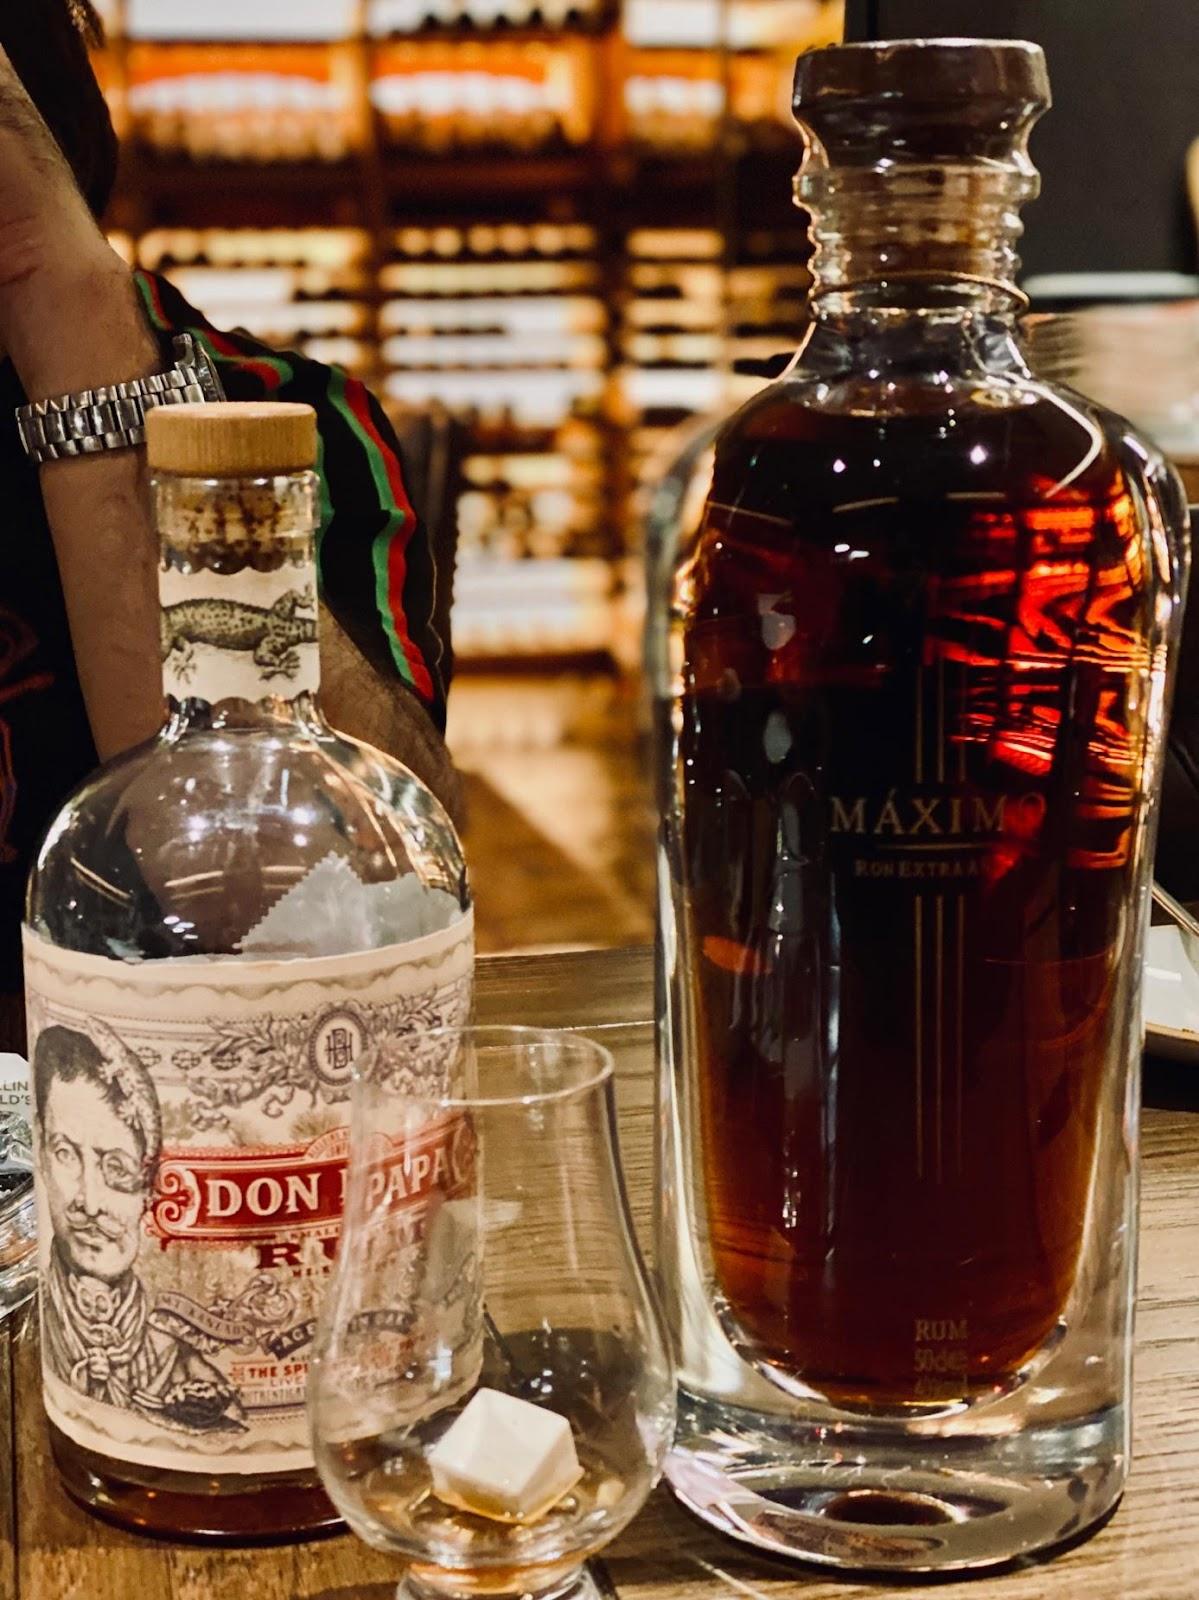 Ein Bild, das Getränk, Alkohol enthält.  Automatisch generierte Beschreibung